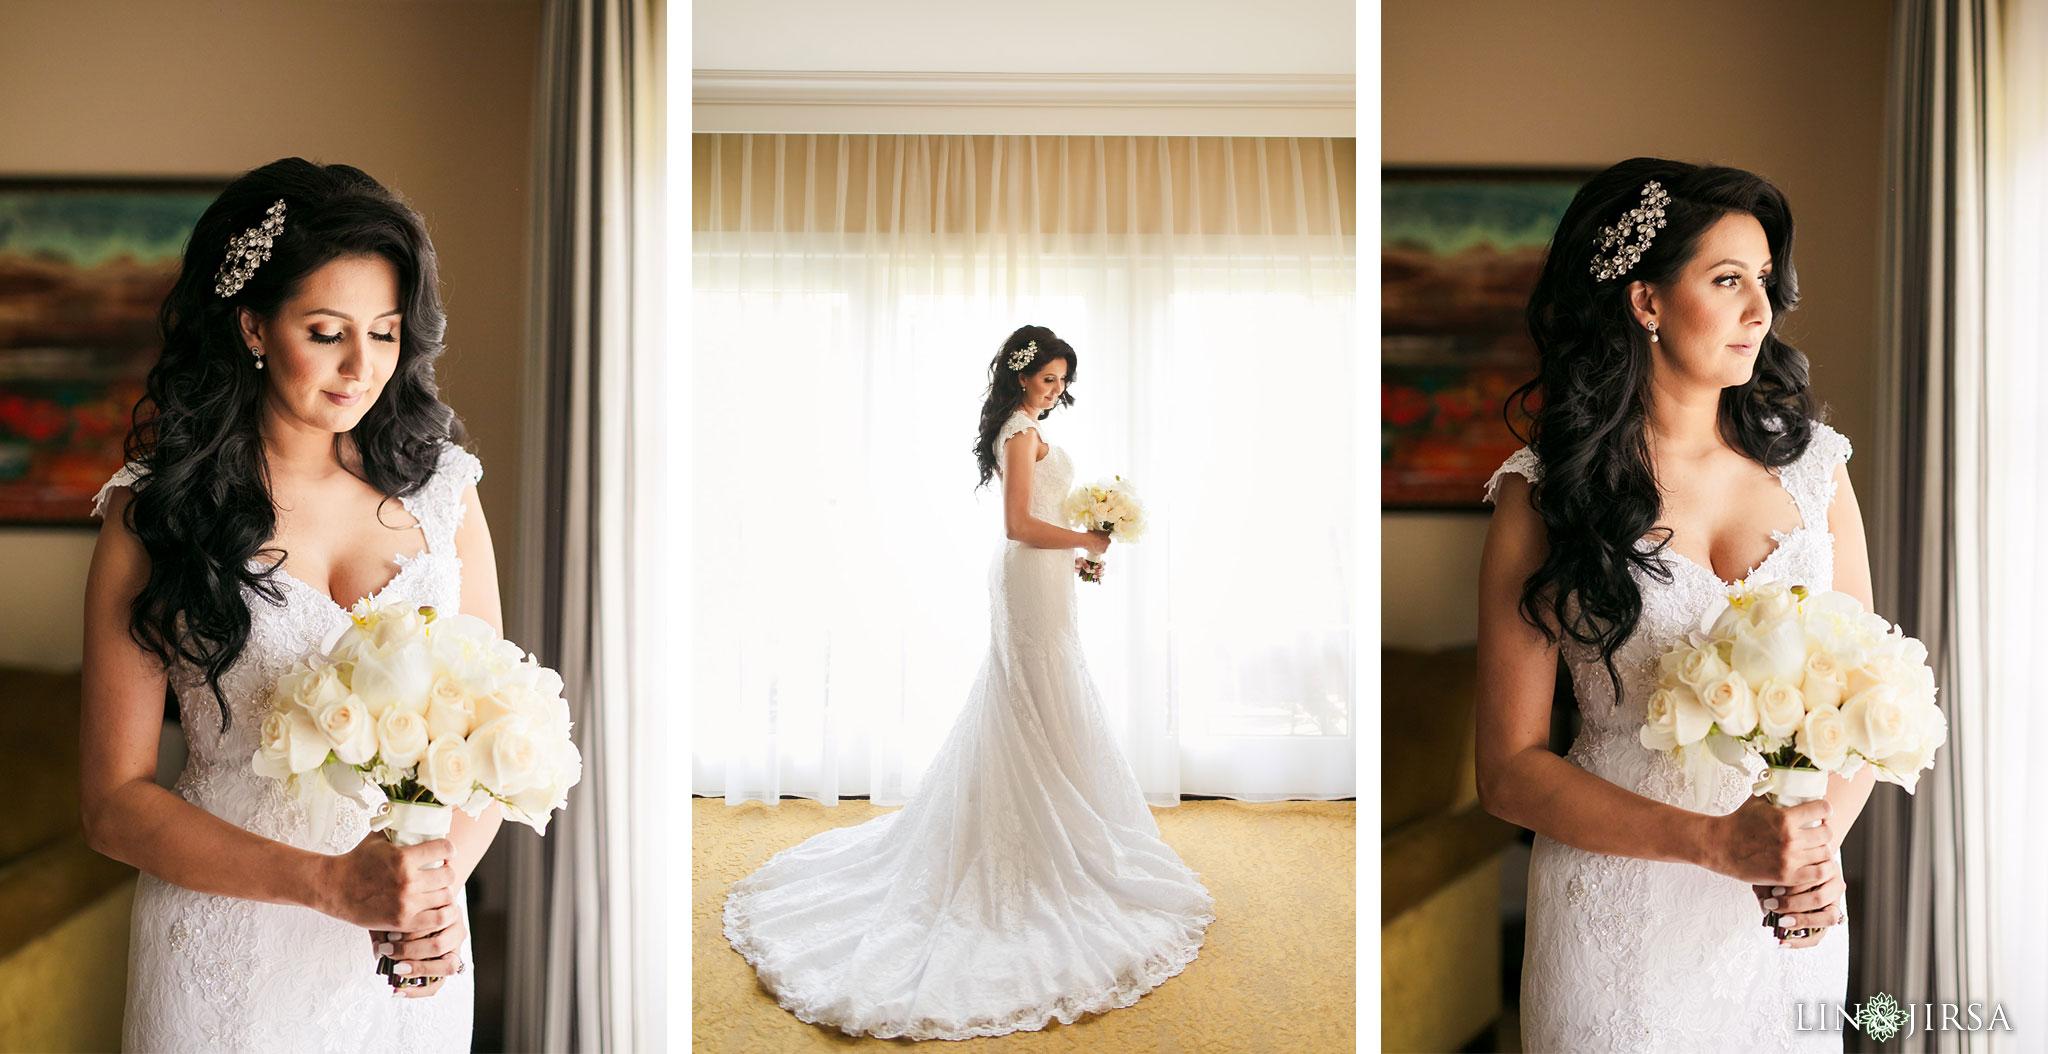 010 estancia la jolla hotel spa persian bride wedding photography